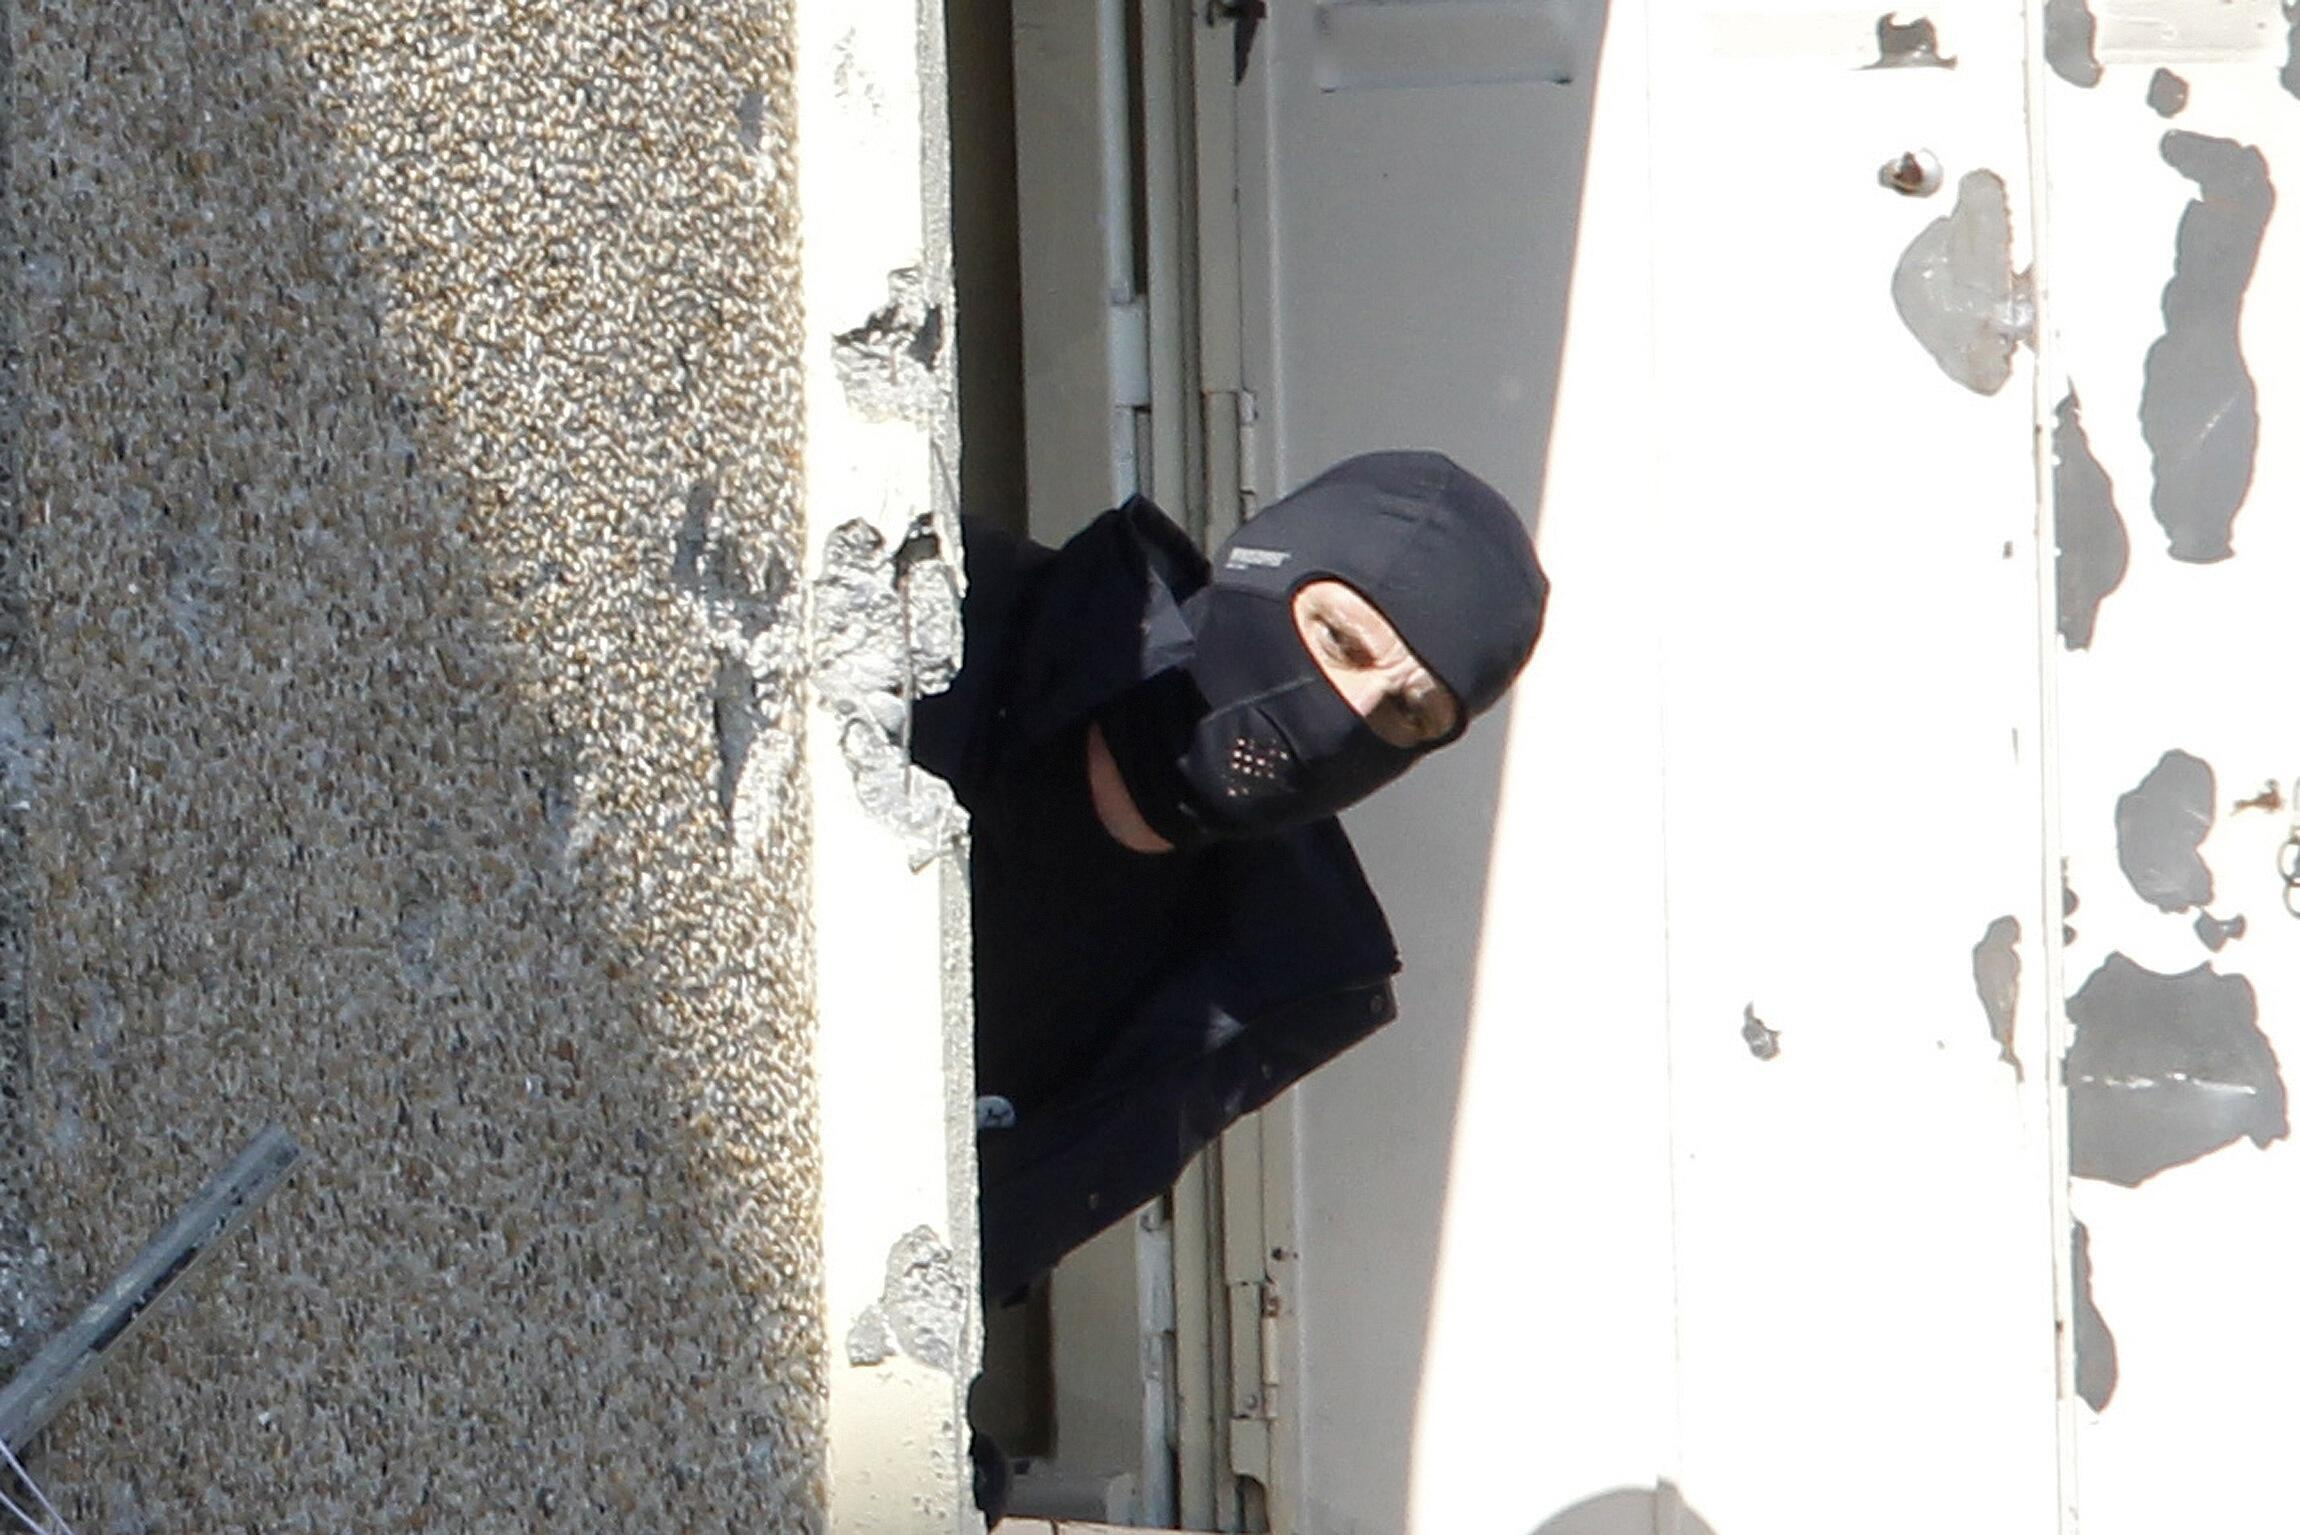 Một cảnh sát lực lượng đặc nhiệm Pháp quan sát căn hộ nơi Mohamed Merah cố thủ.